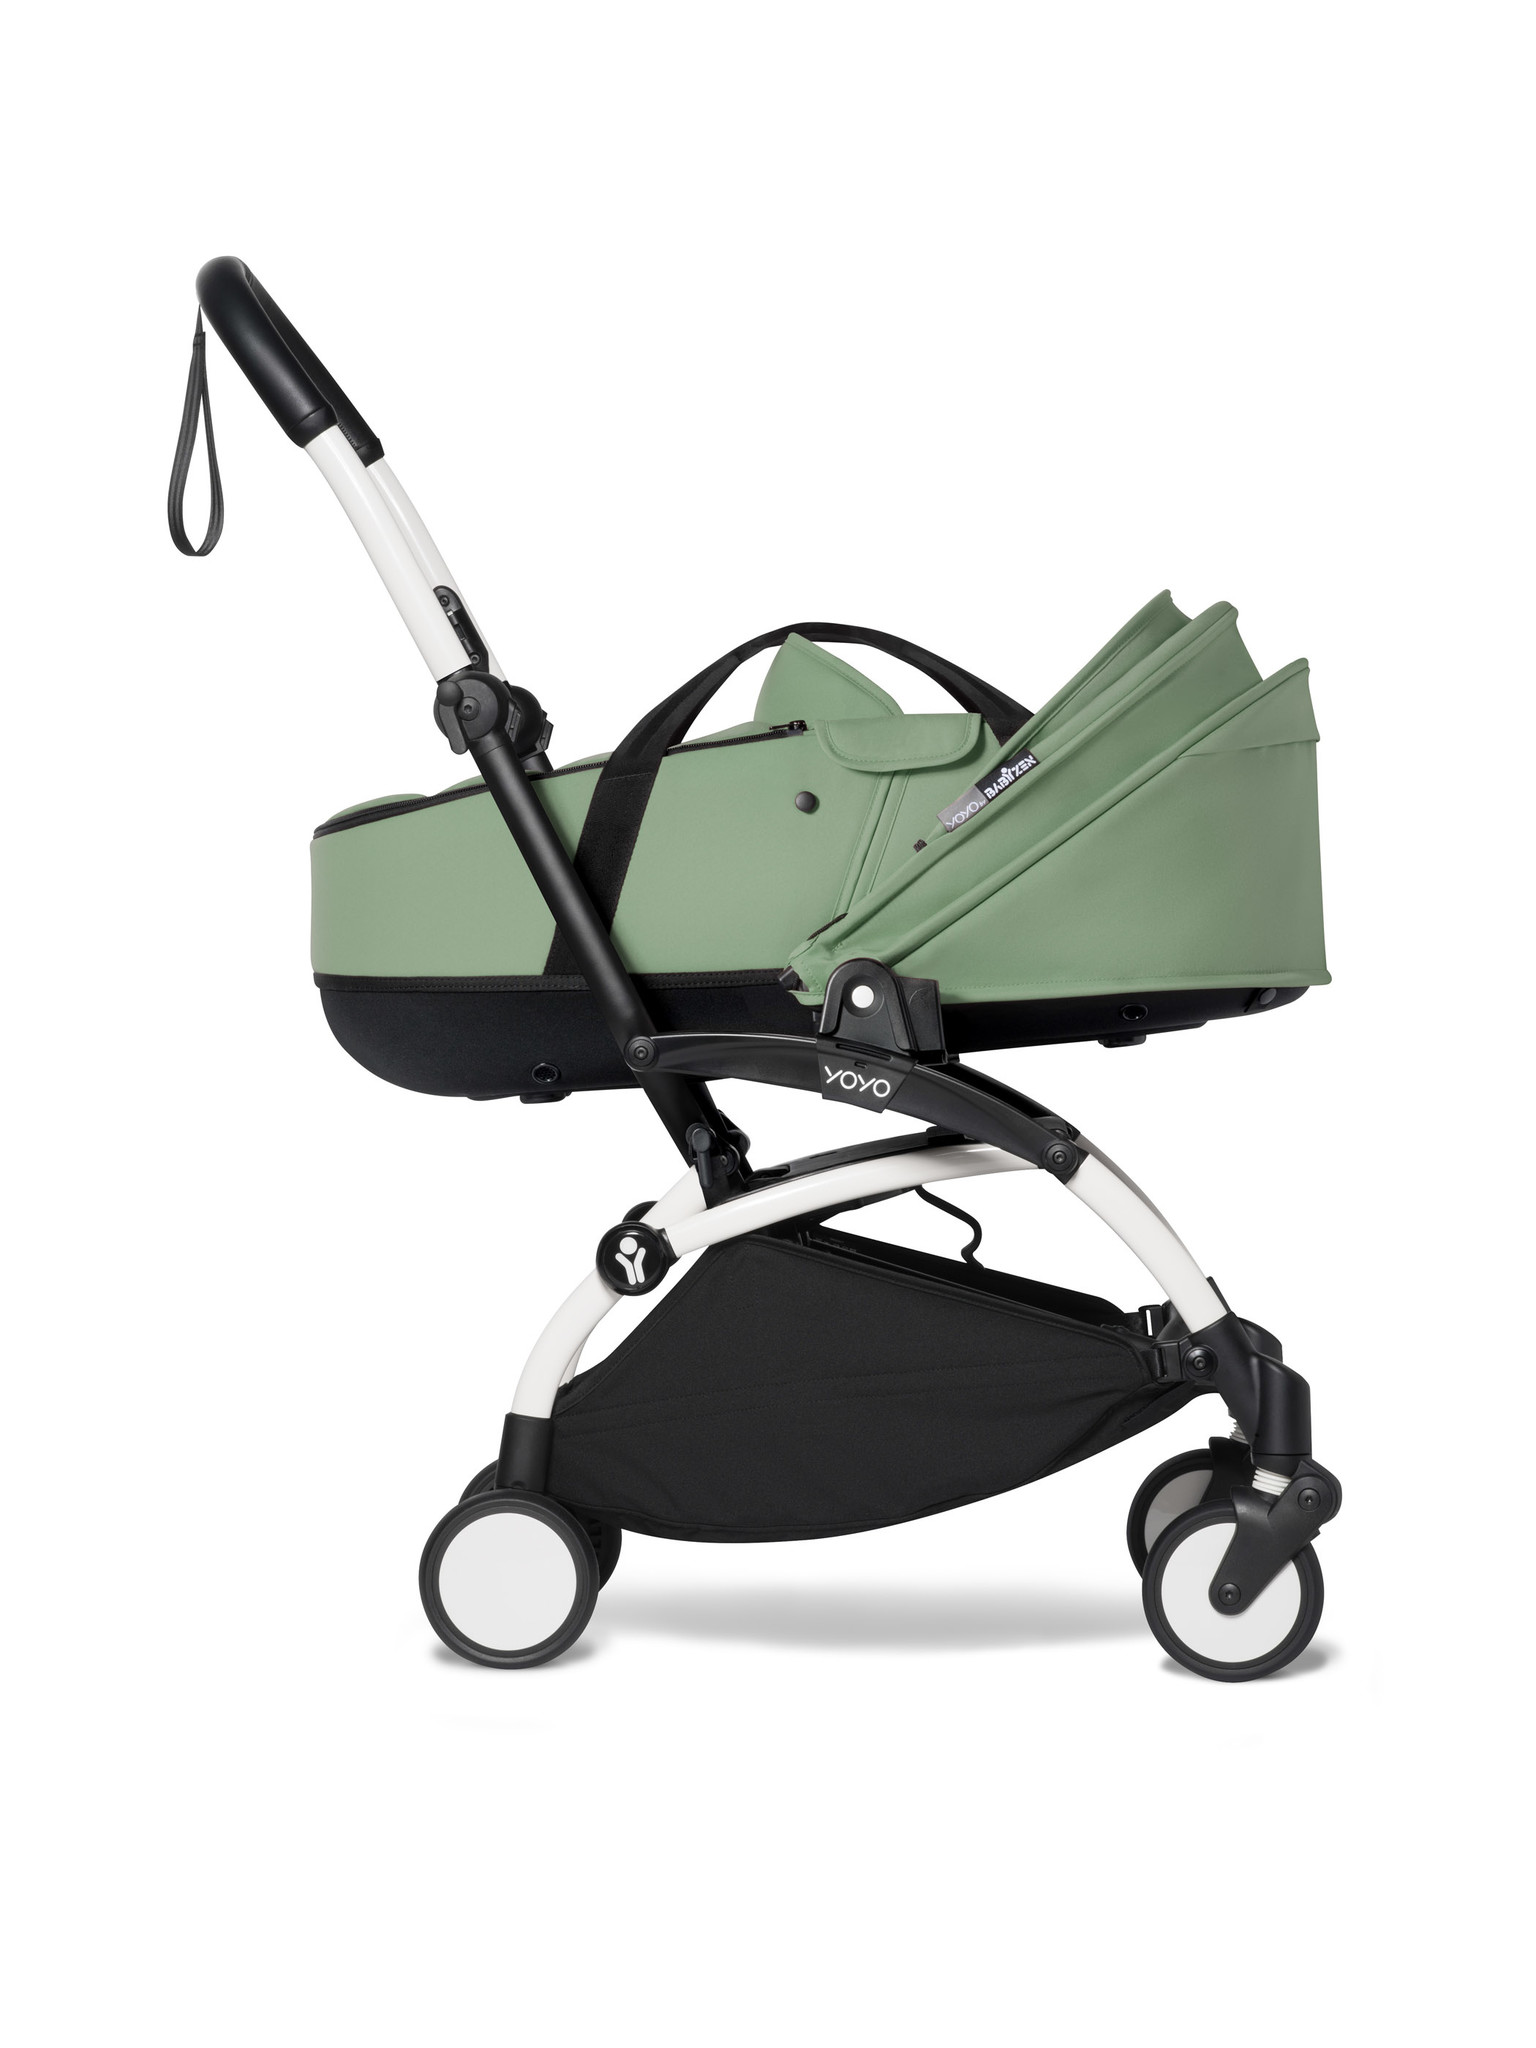 Babyzen Babyzen YOYO² weißer Rahmen mit YOYO Stubenwagen - Tragetasche - Pfefferminze